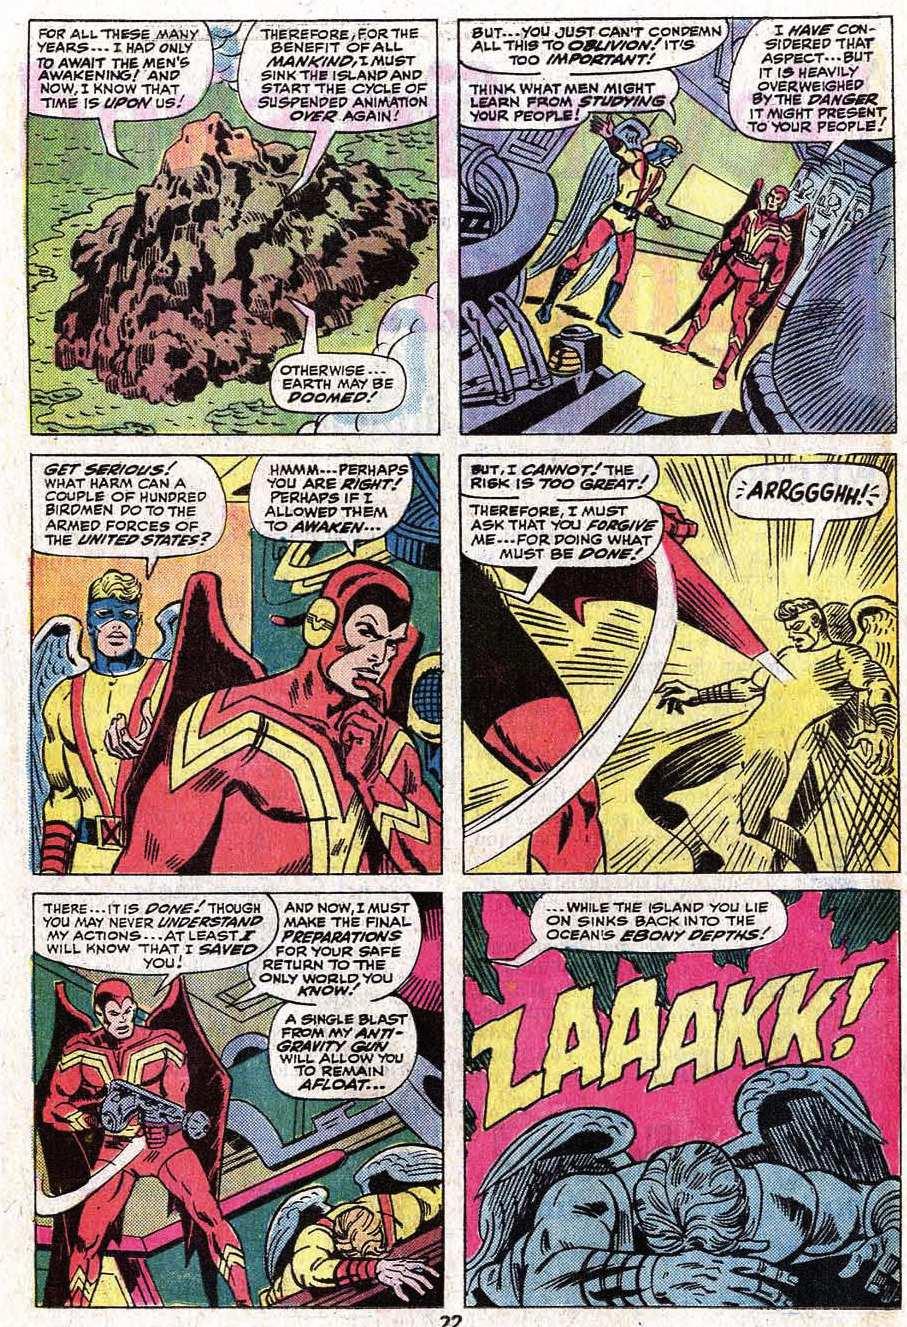 Read online Uncanny X-Men (1963) comic -  Issue #92 - 23